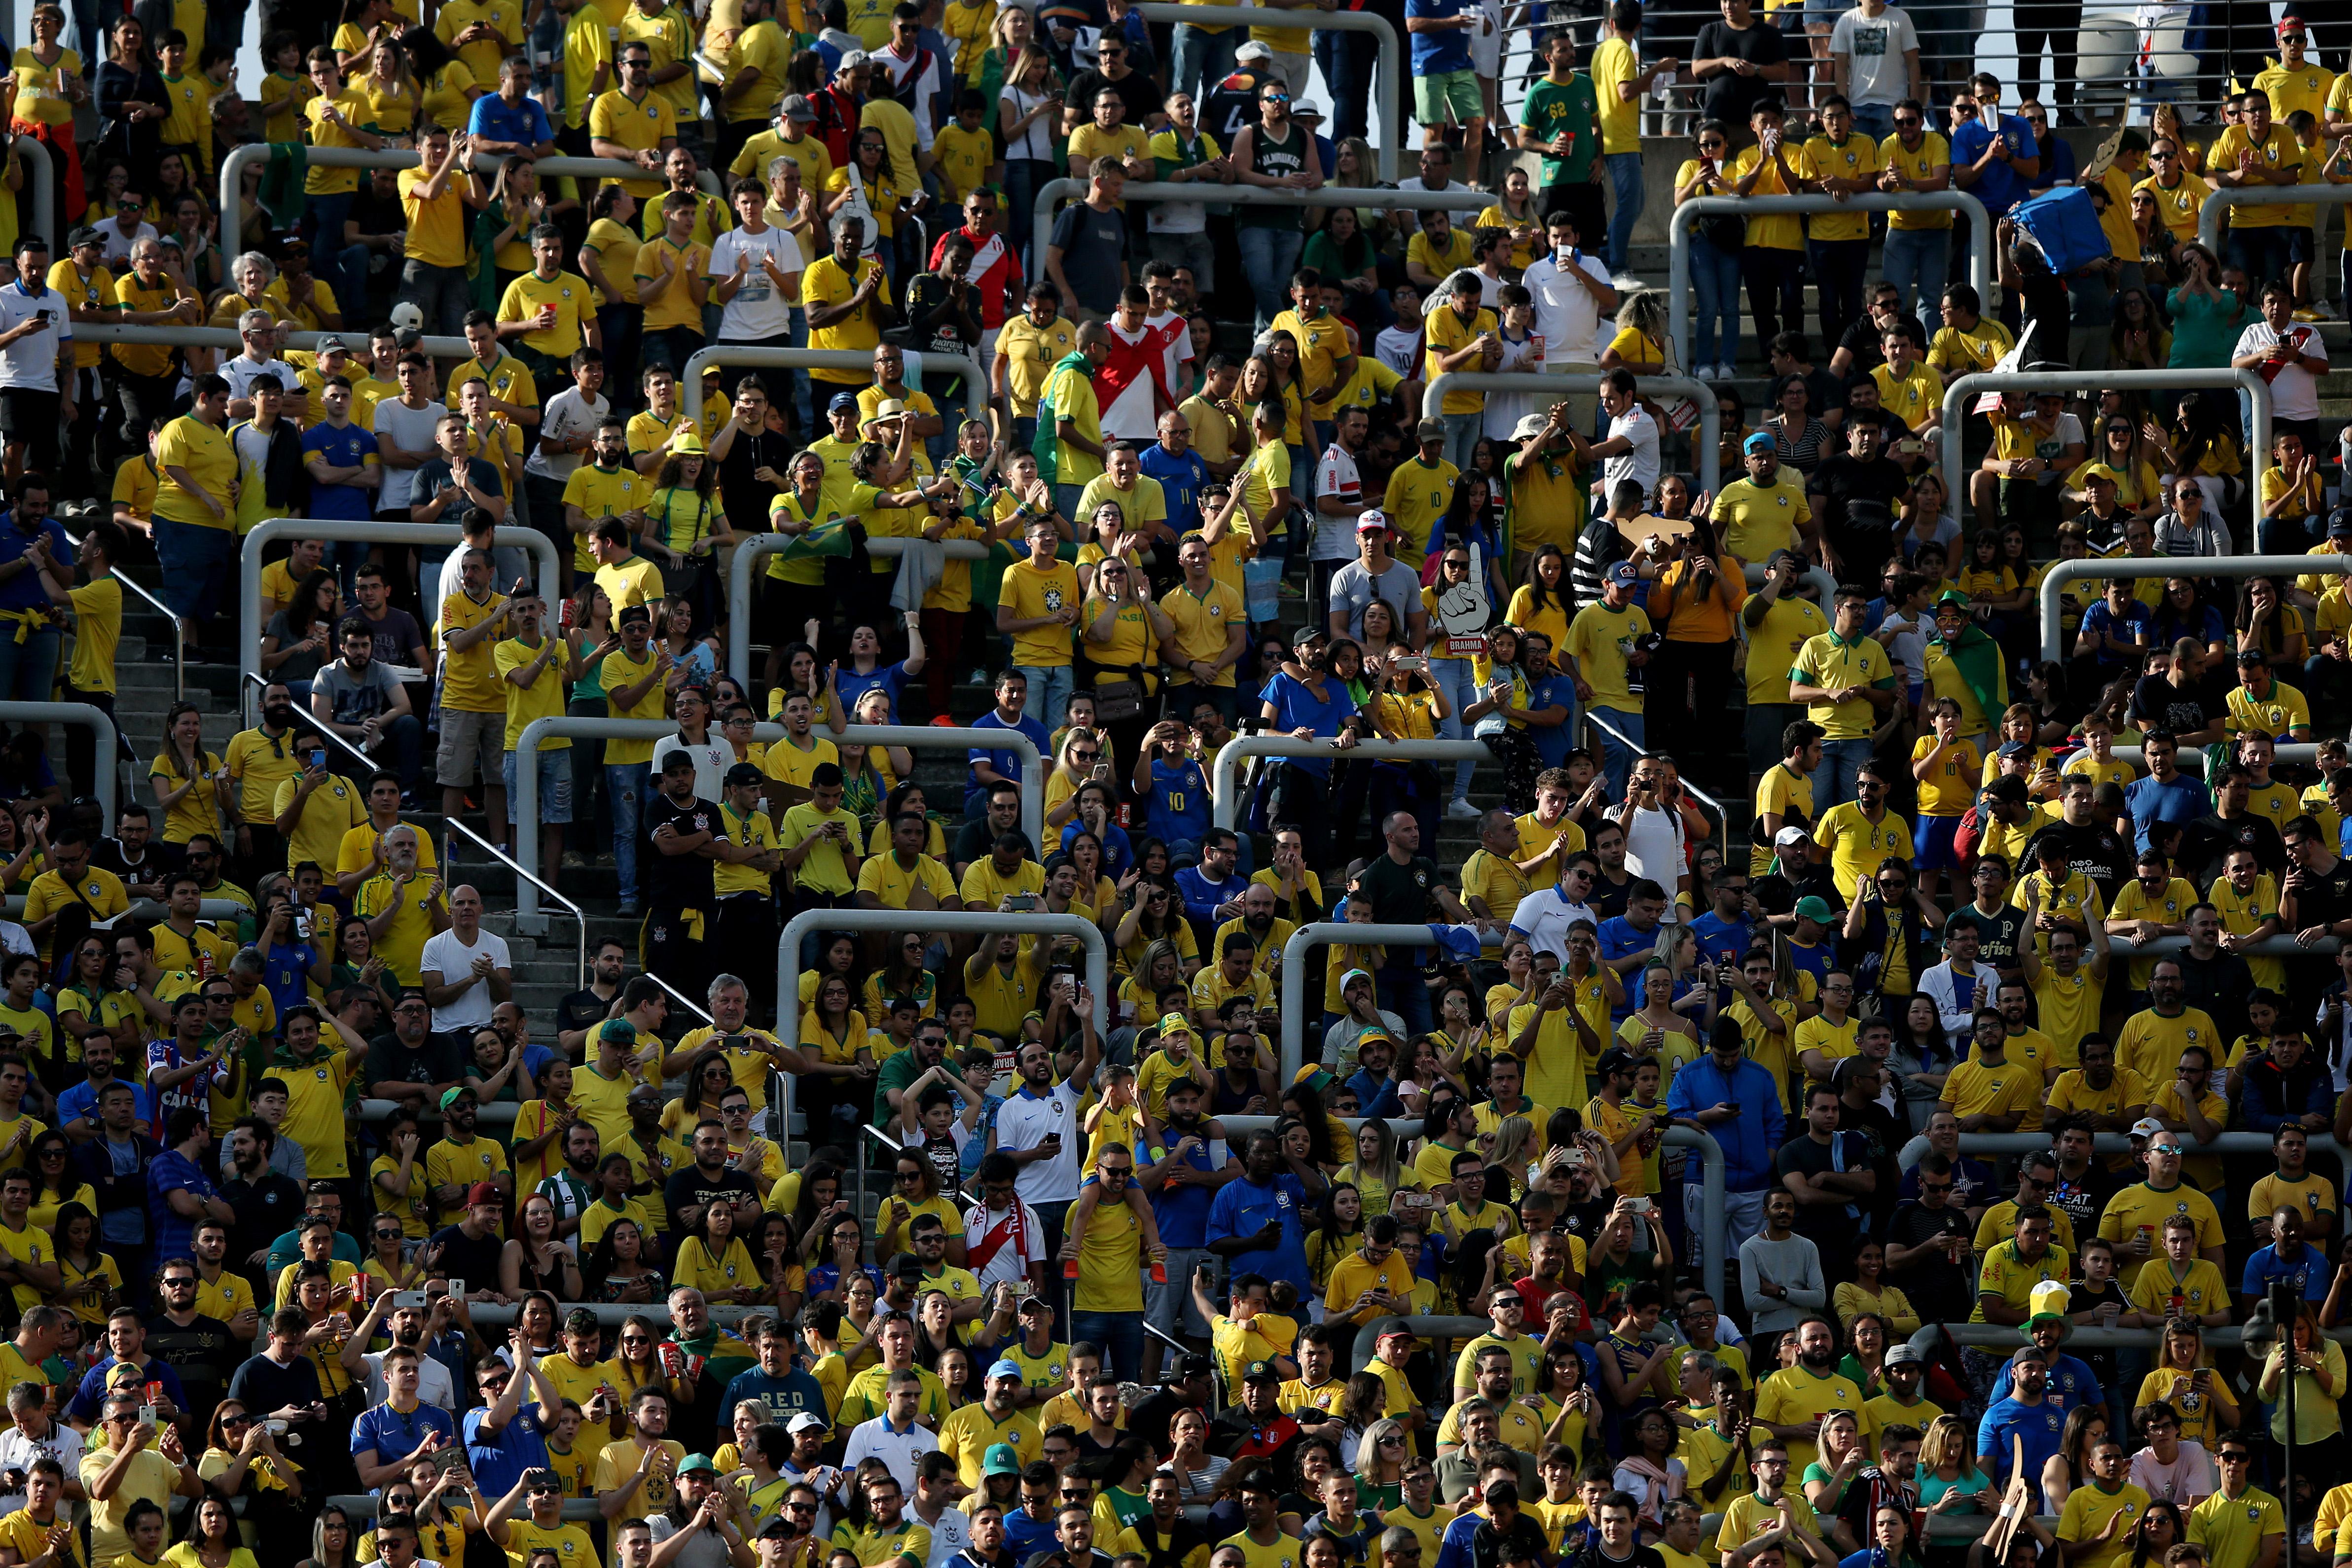 Torcida do Brasil antes do jogo contra o Peru